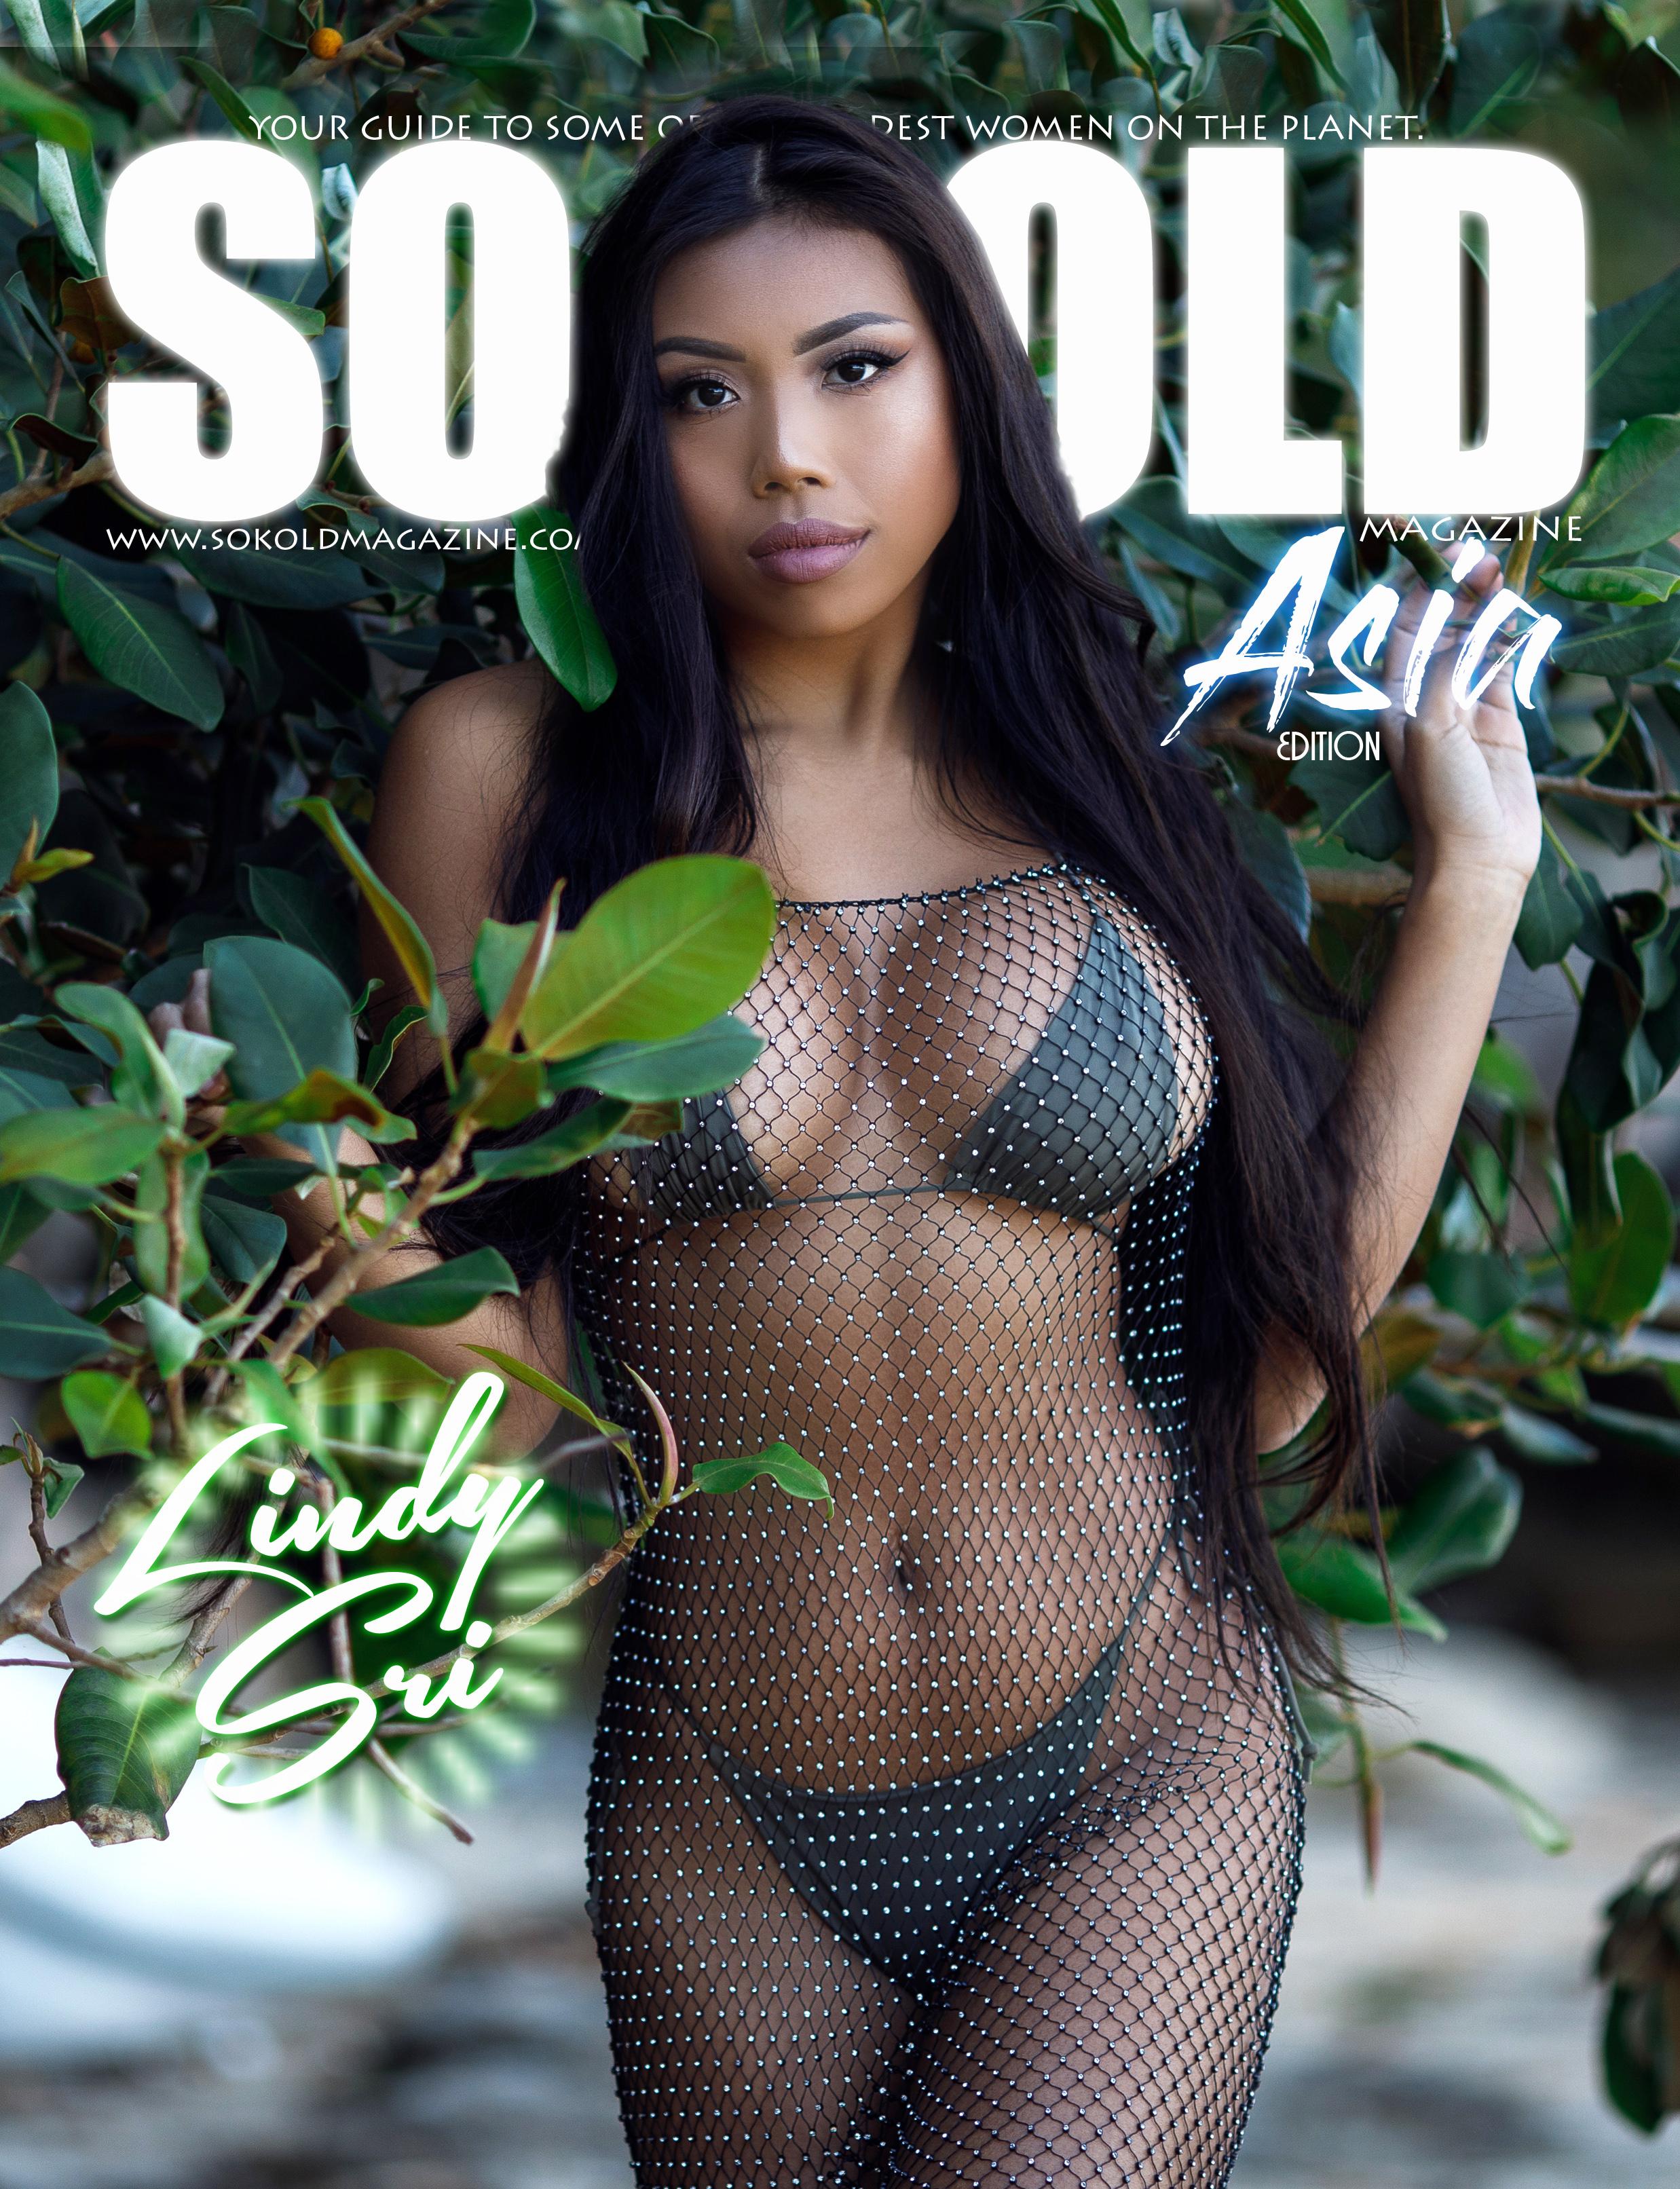 SO KOLD MAG COVER 1 LINDY SRI copy.jpg